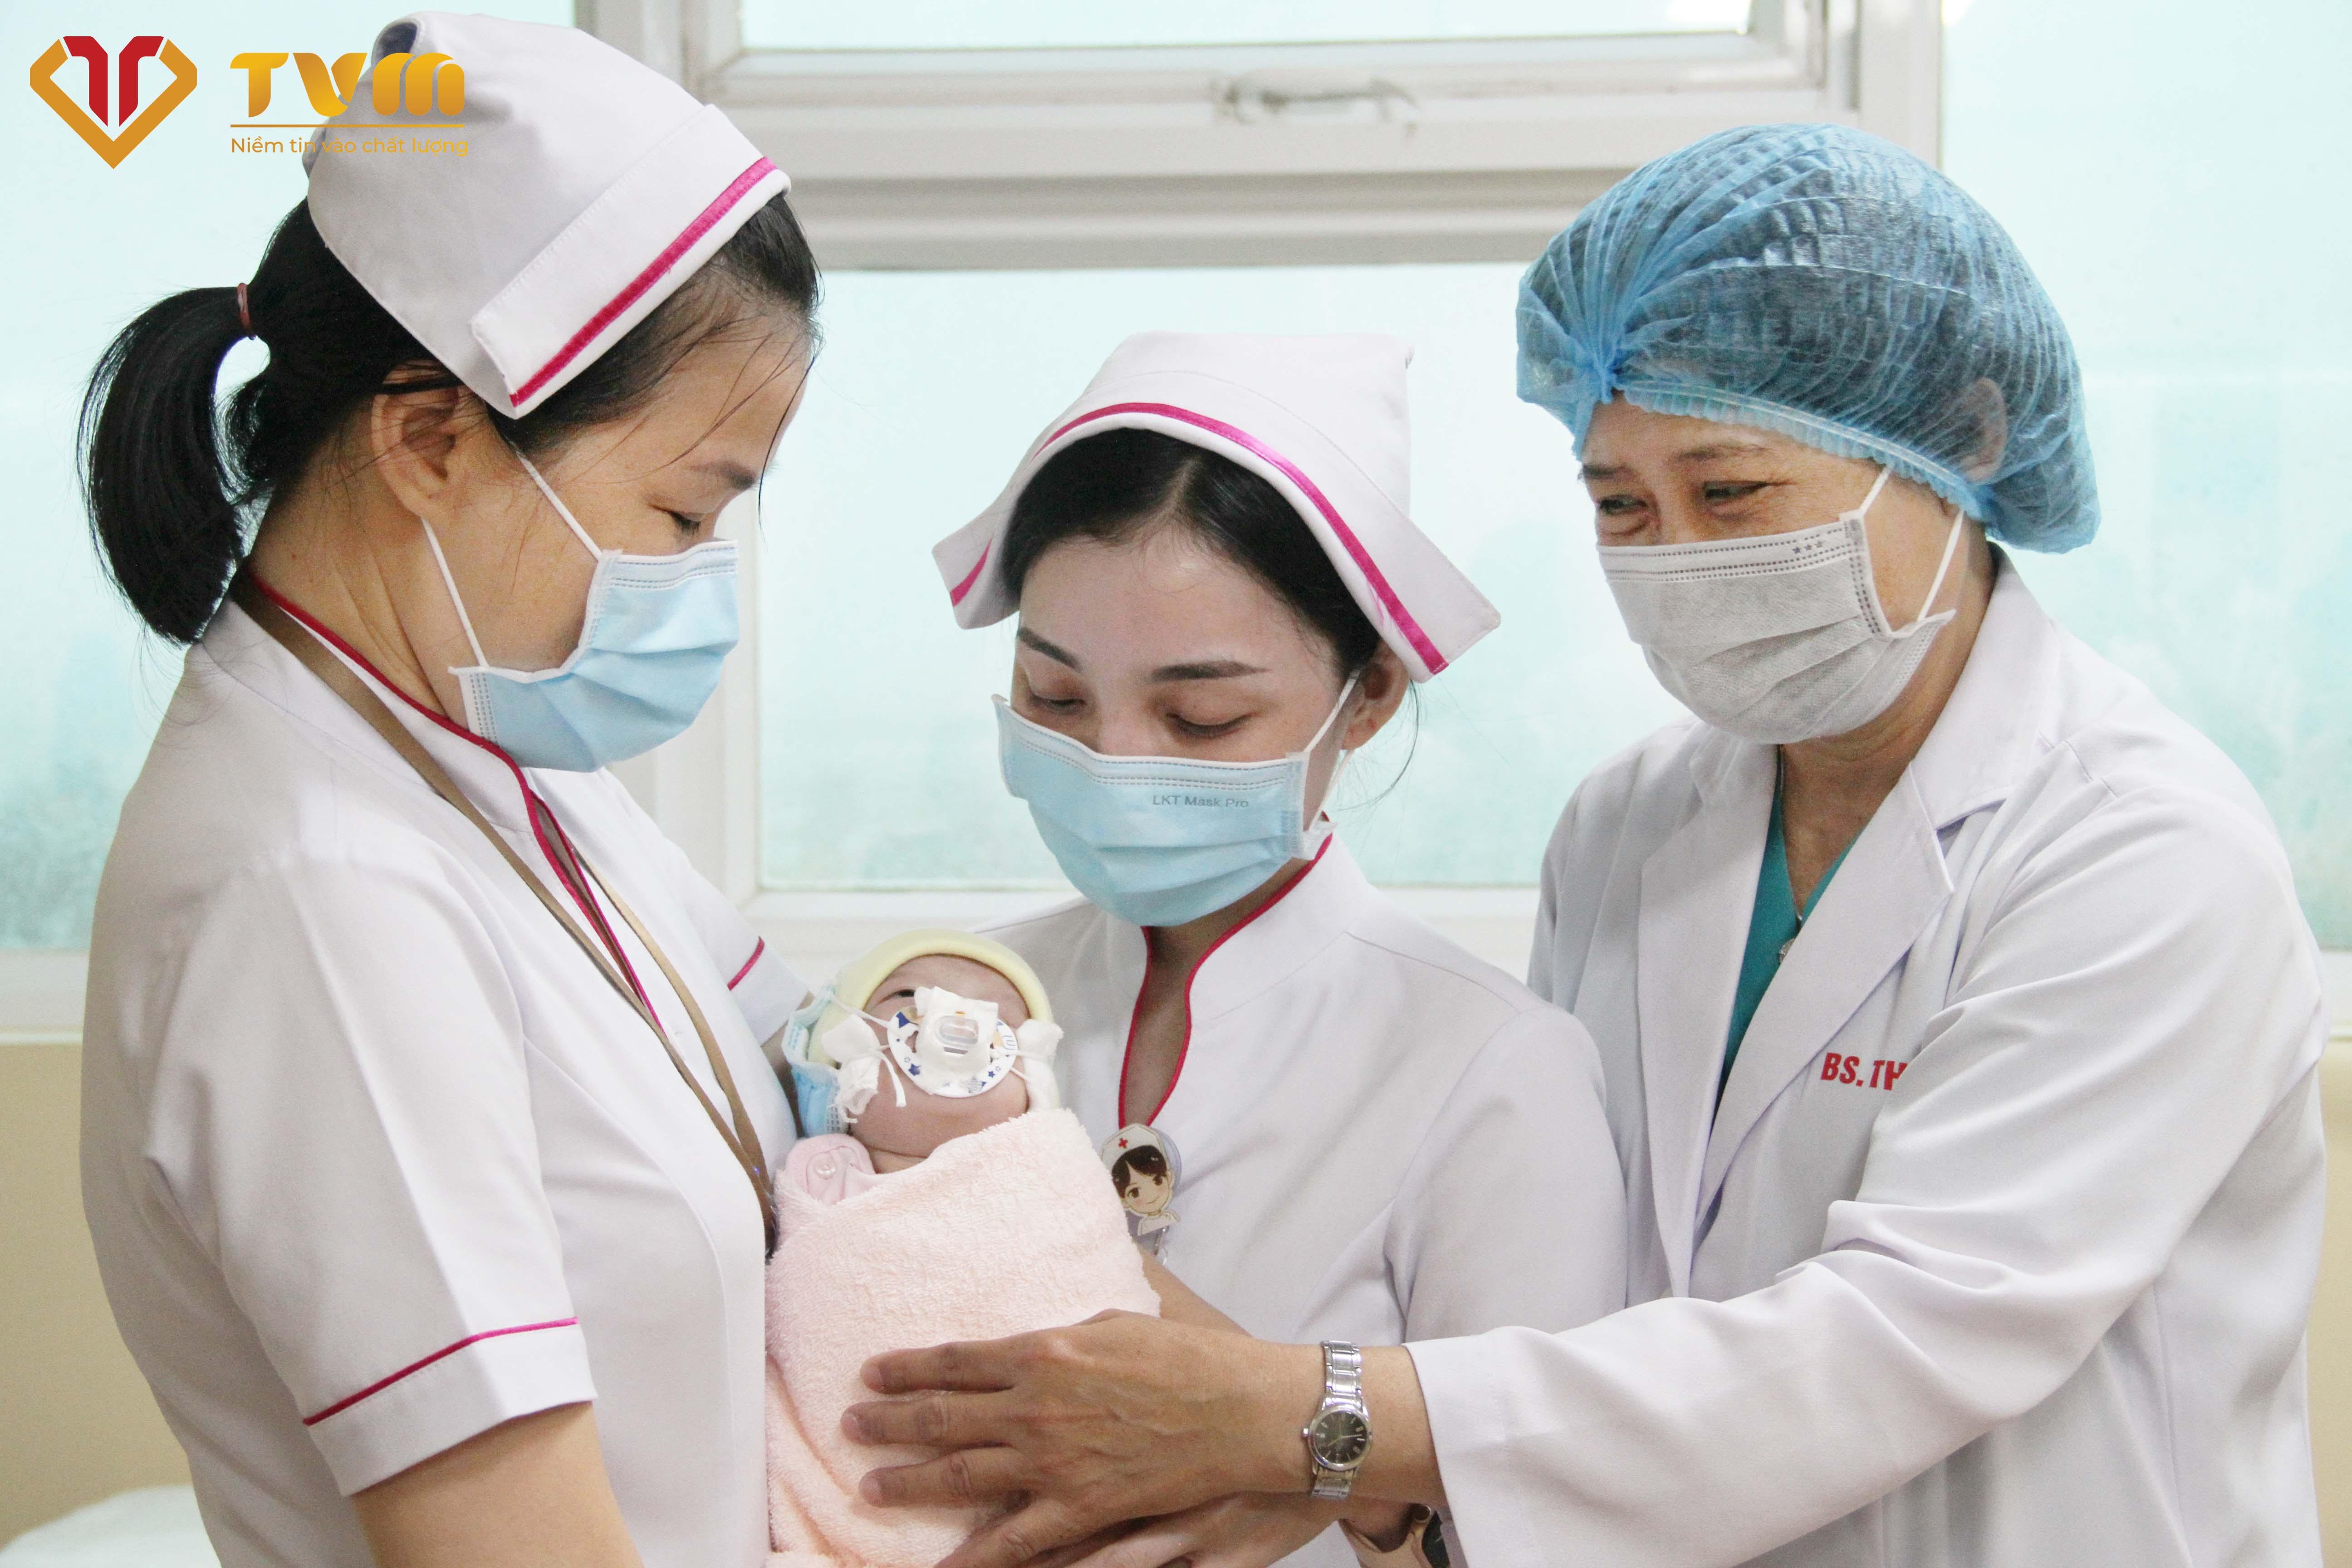 Bé sơ sinh bị dị tật nguy hiểm tính mạng và những ngày đấu tranh không từ bỏ giành sự sống cho bé